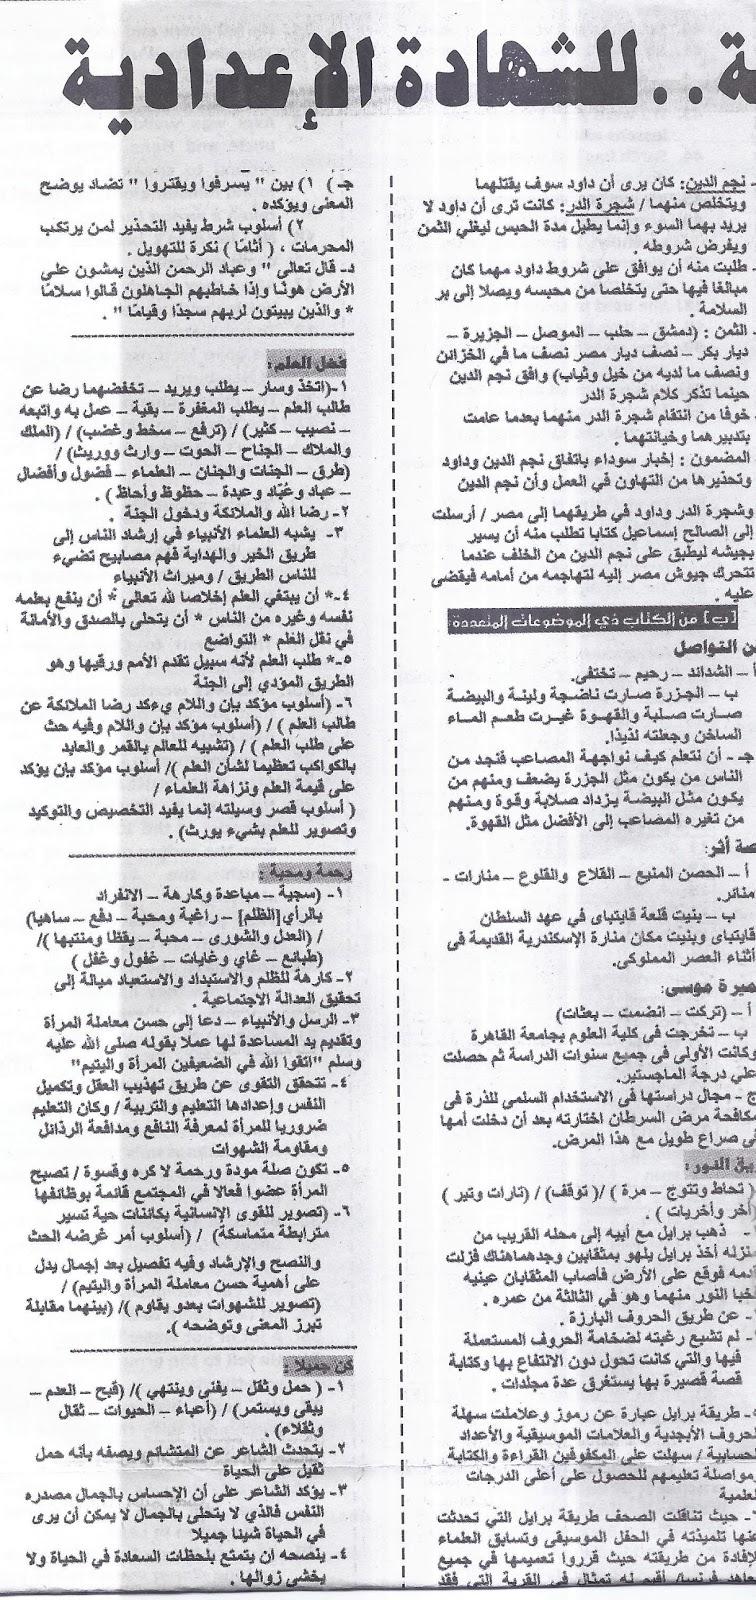 """توقعات ملحق الجمهورية """"امتحانات مجابة"""" فى اللغة العربية للشهادة الإعدادية - نصف العام 2016 Scan0010"""